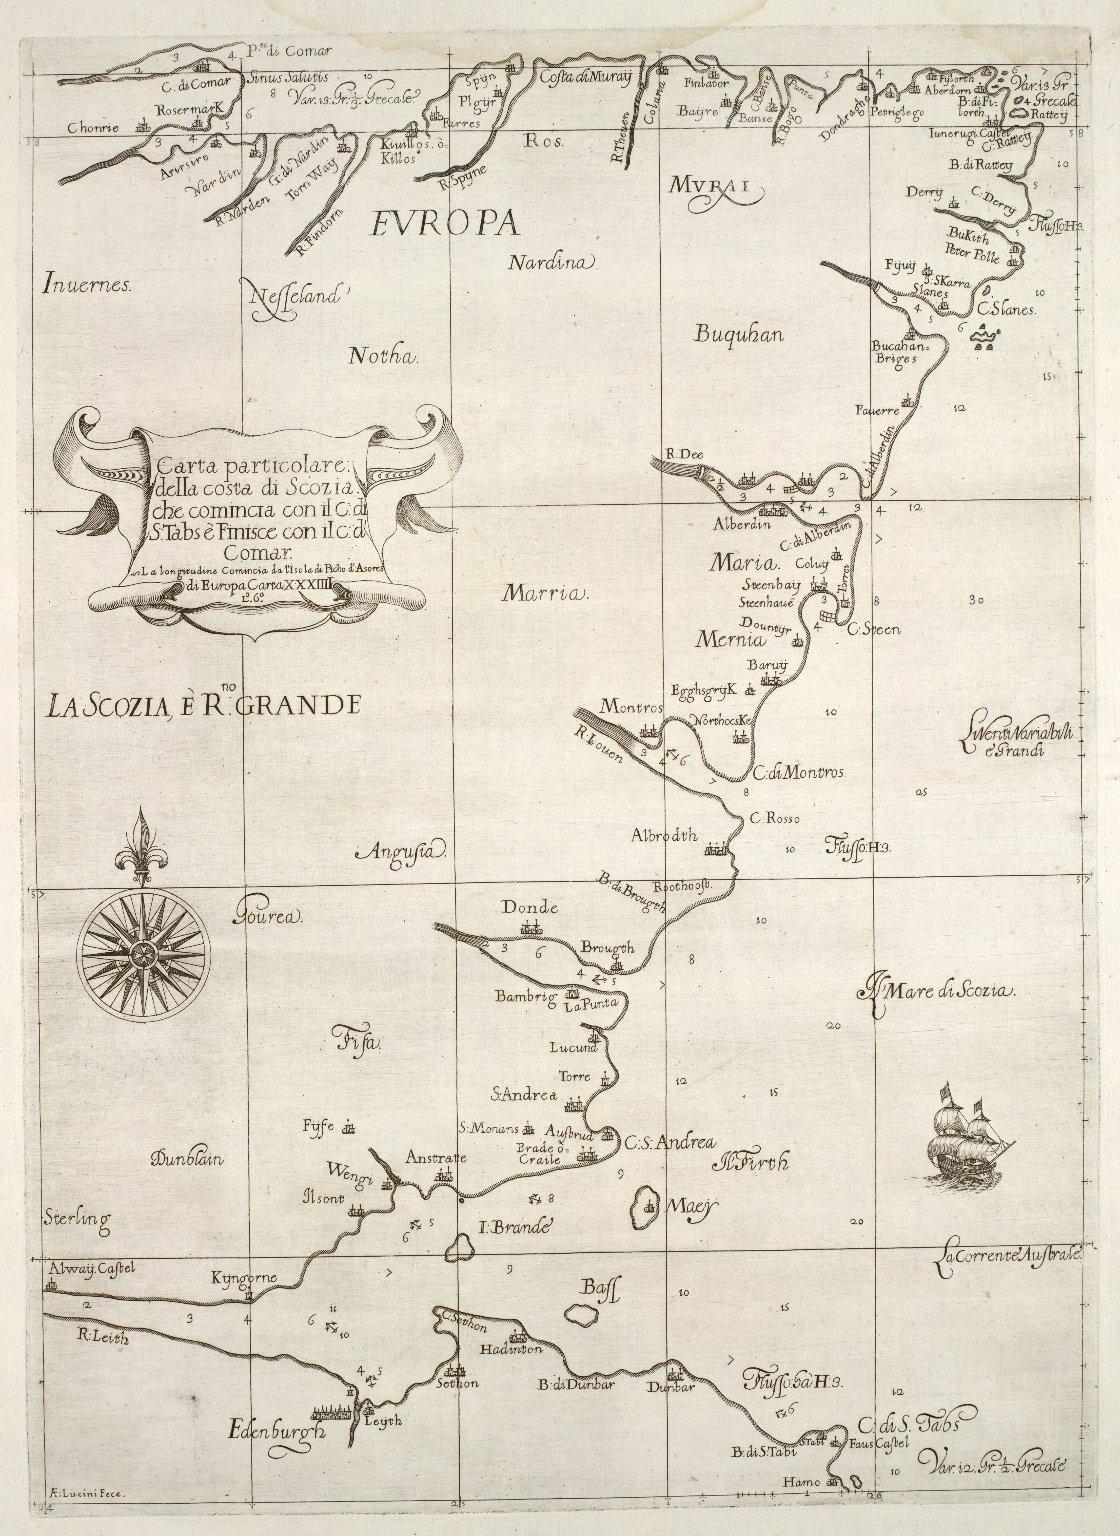 Carta particolare della costa di Scozia : che comincia con il c.d. S. Tabs è finisce con il c.d' Comar : la longitudine comincia da l'Isola di Picho d'Asores di Europa Carta XXXIIII [1 of 1]